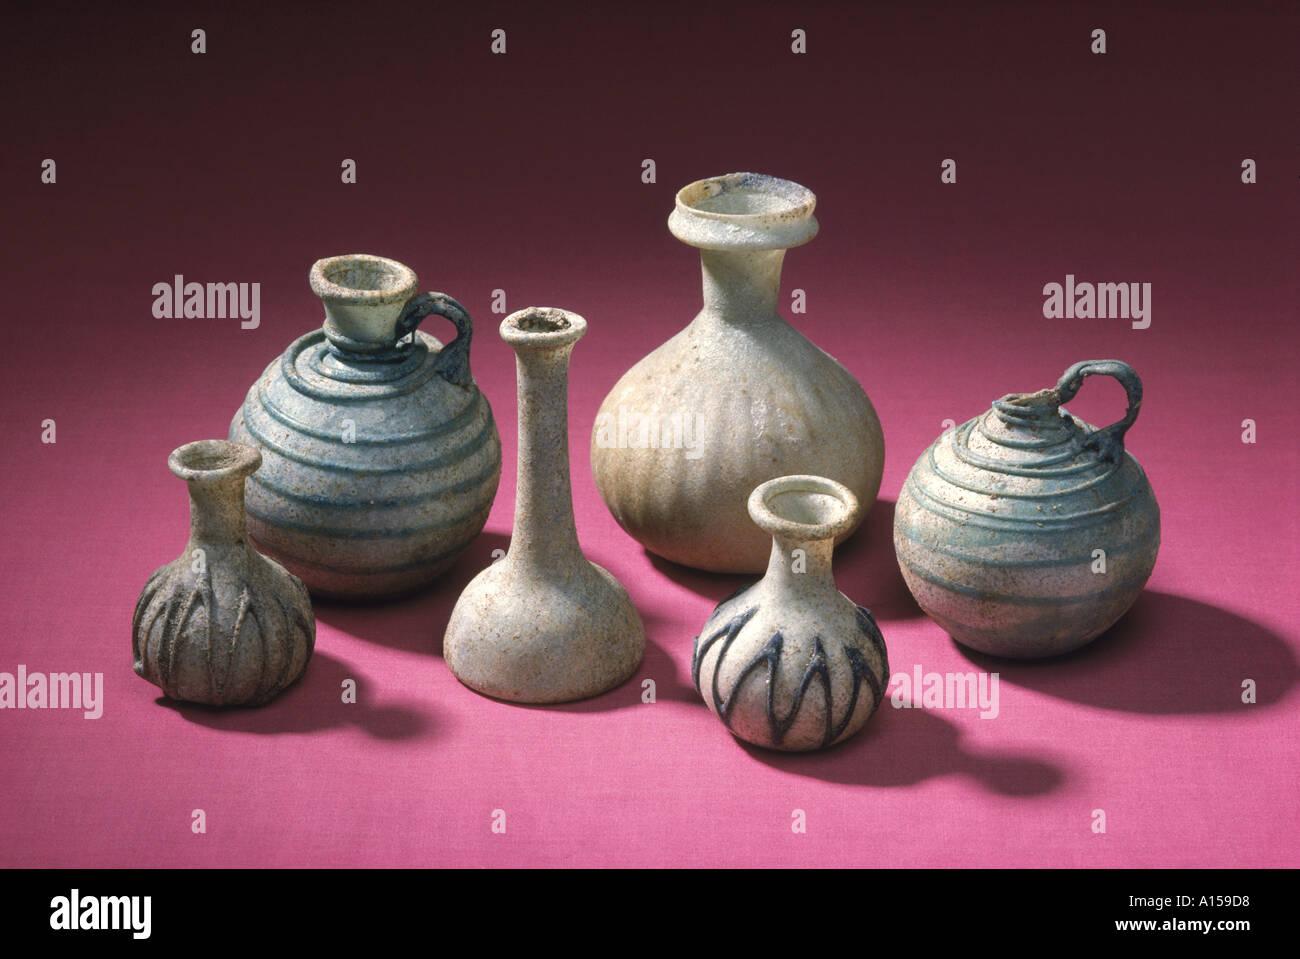 Bottiglie di vetro Tylos periodo nuovo Museo Nazionale di Manama Bahrain Medio Oriente un Woolfitt Immagini Stock